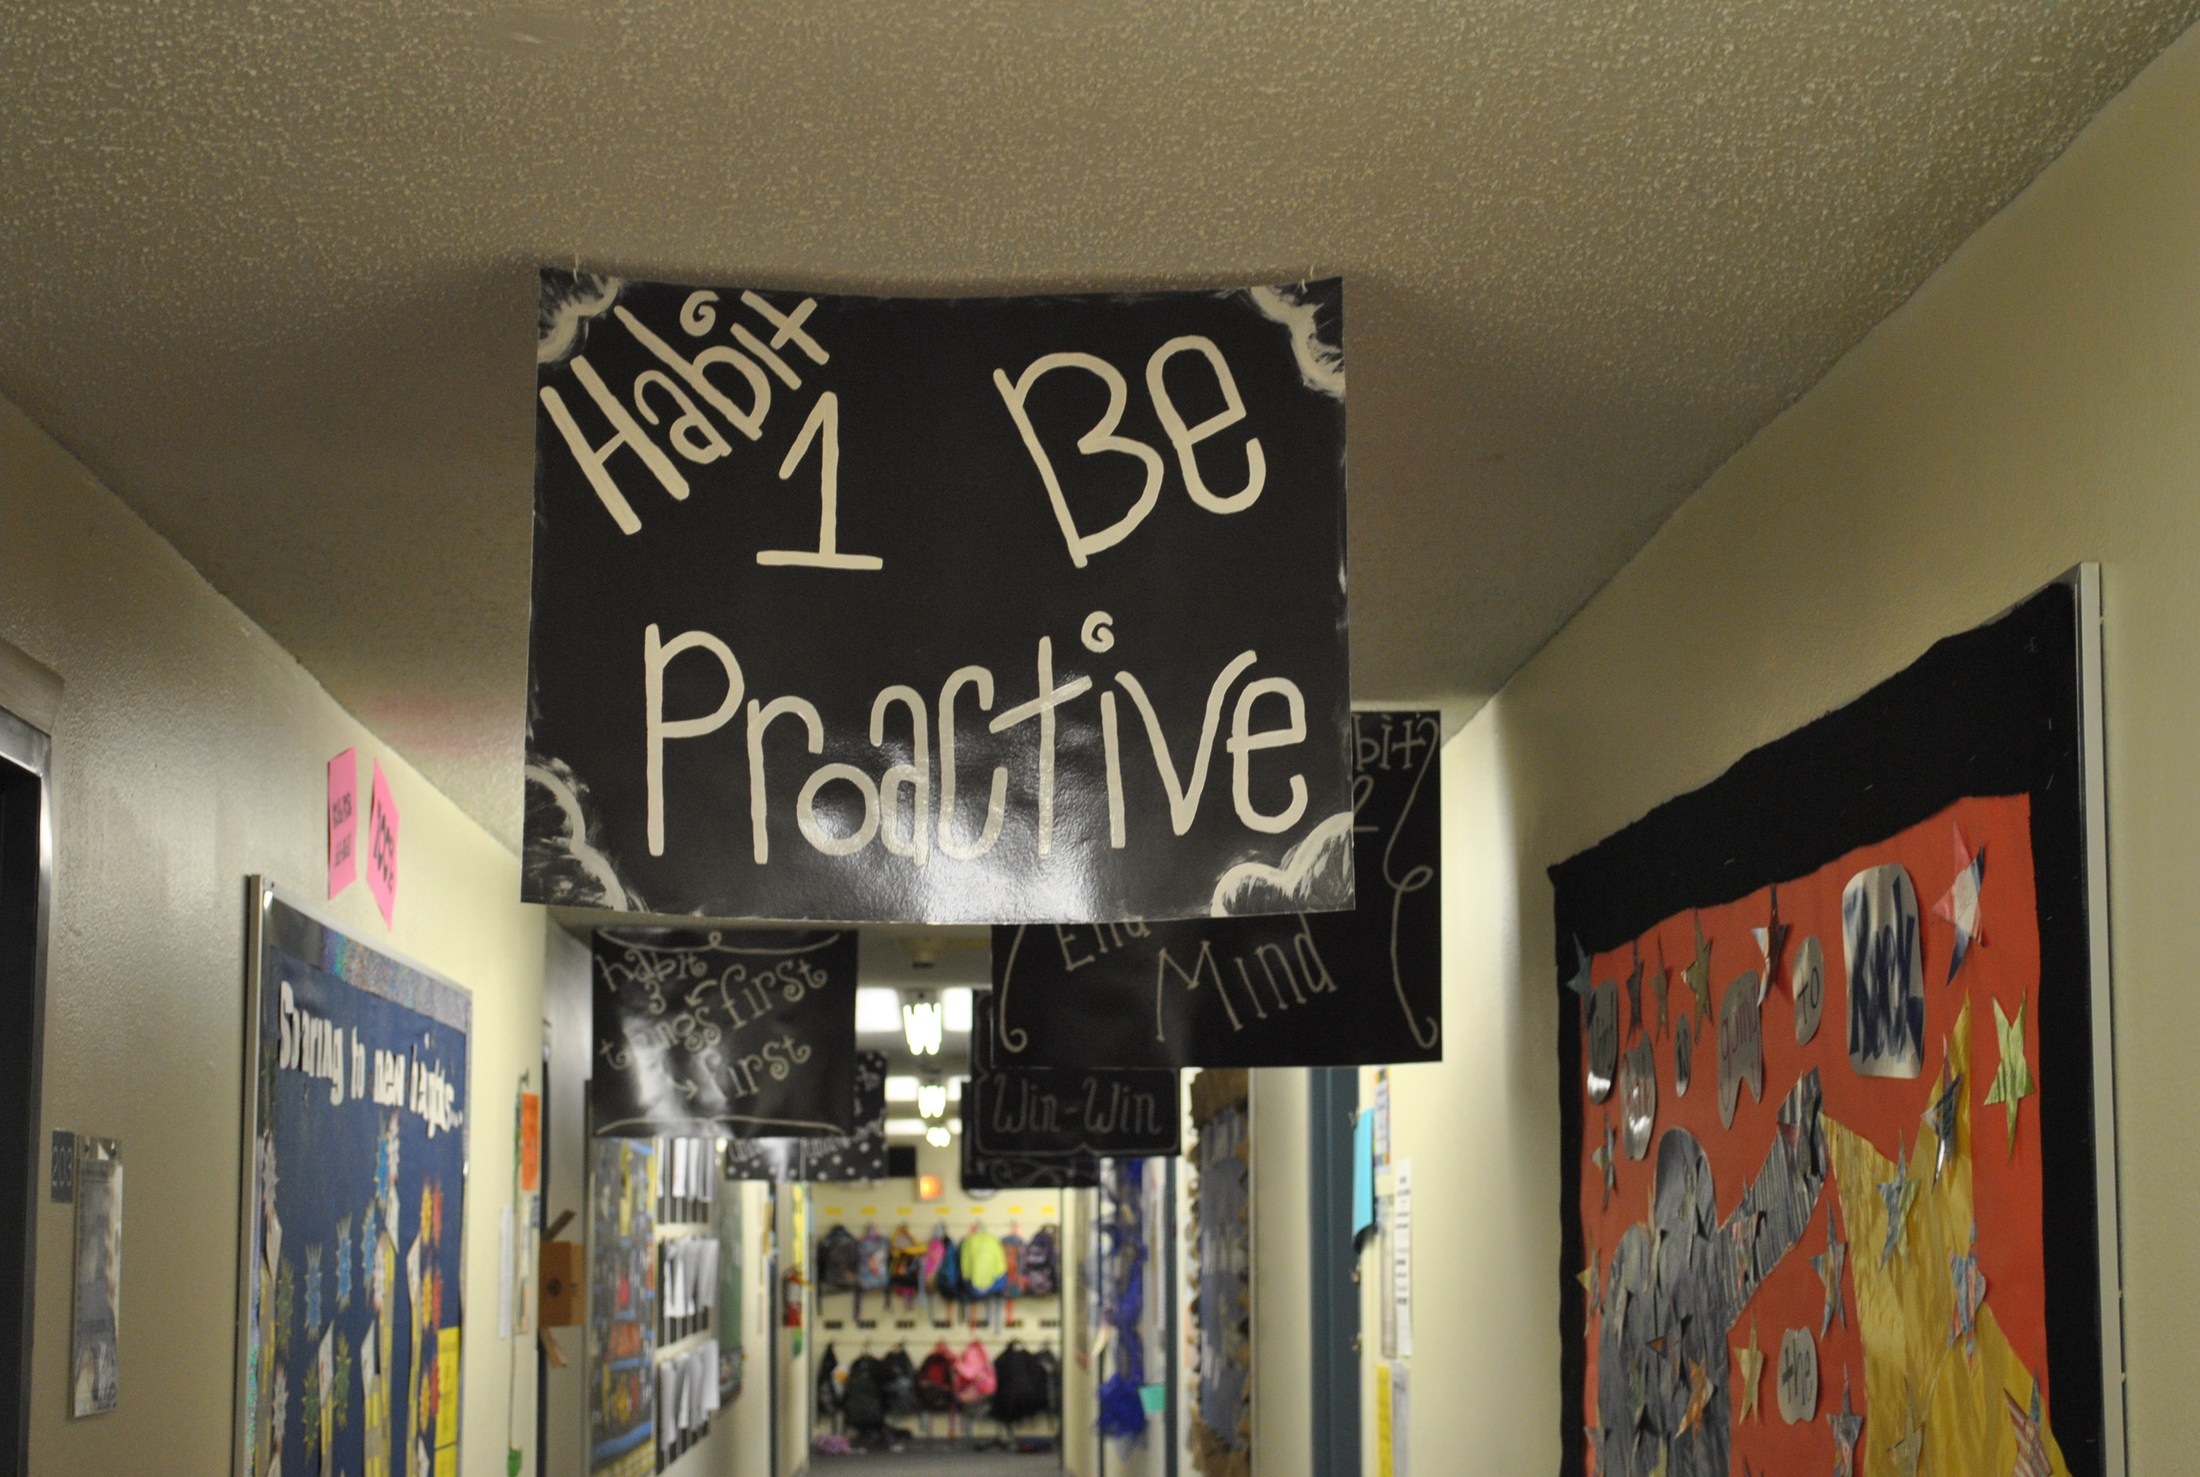 7 Habits Posters in school hallway